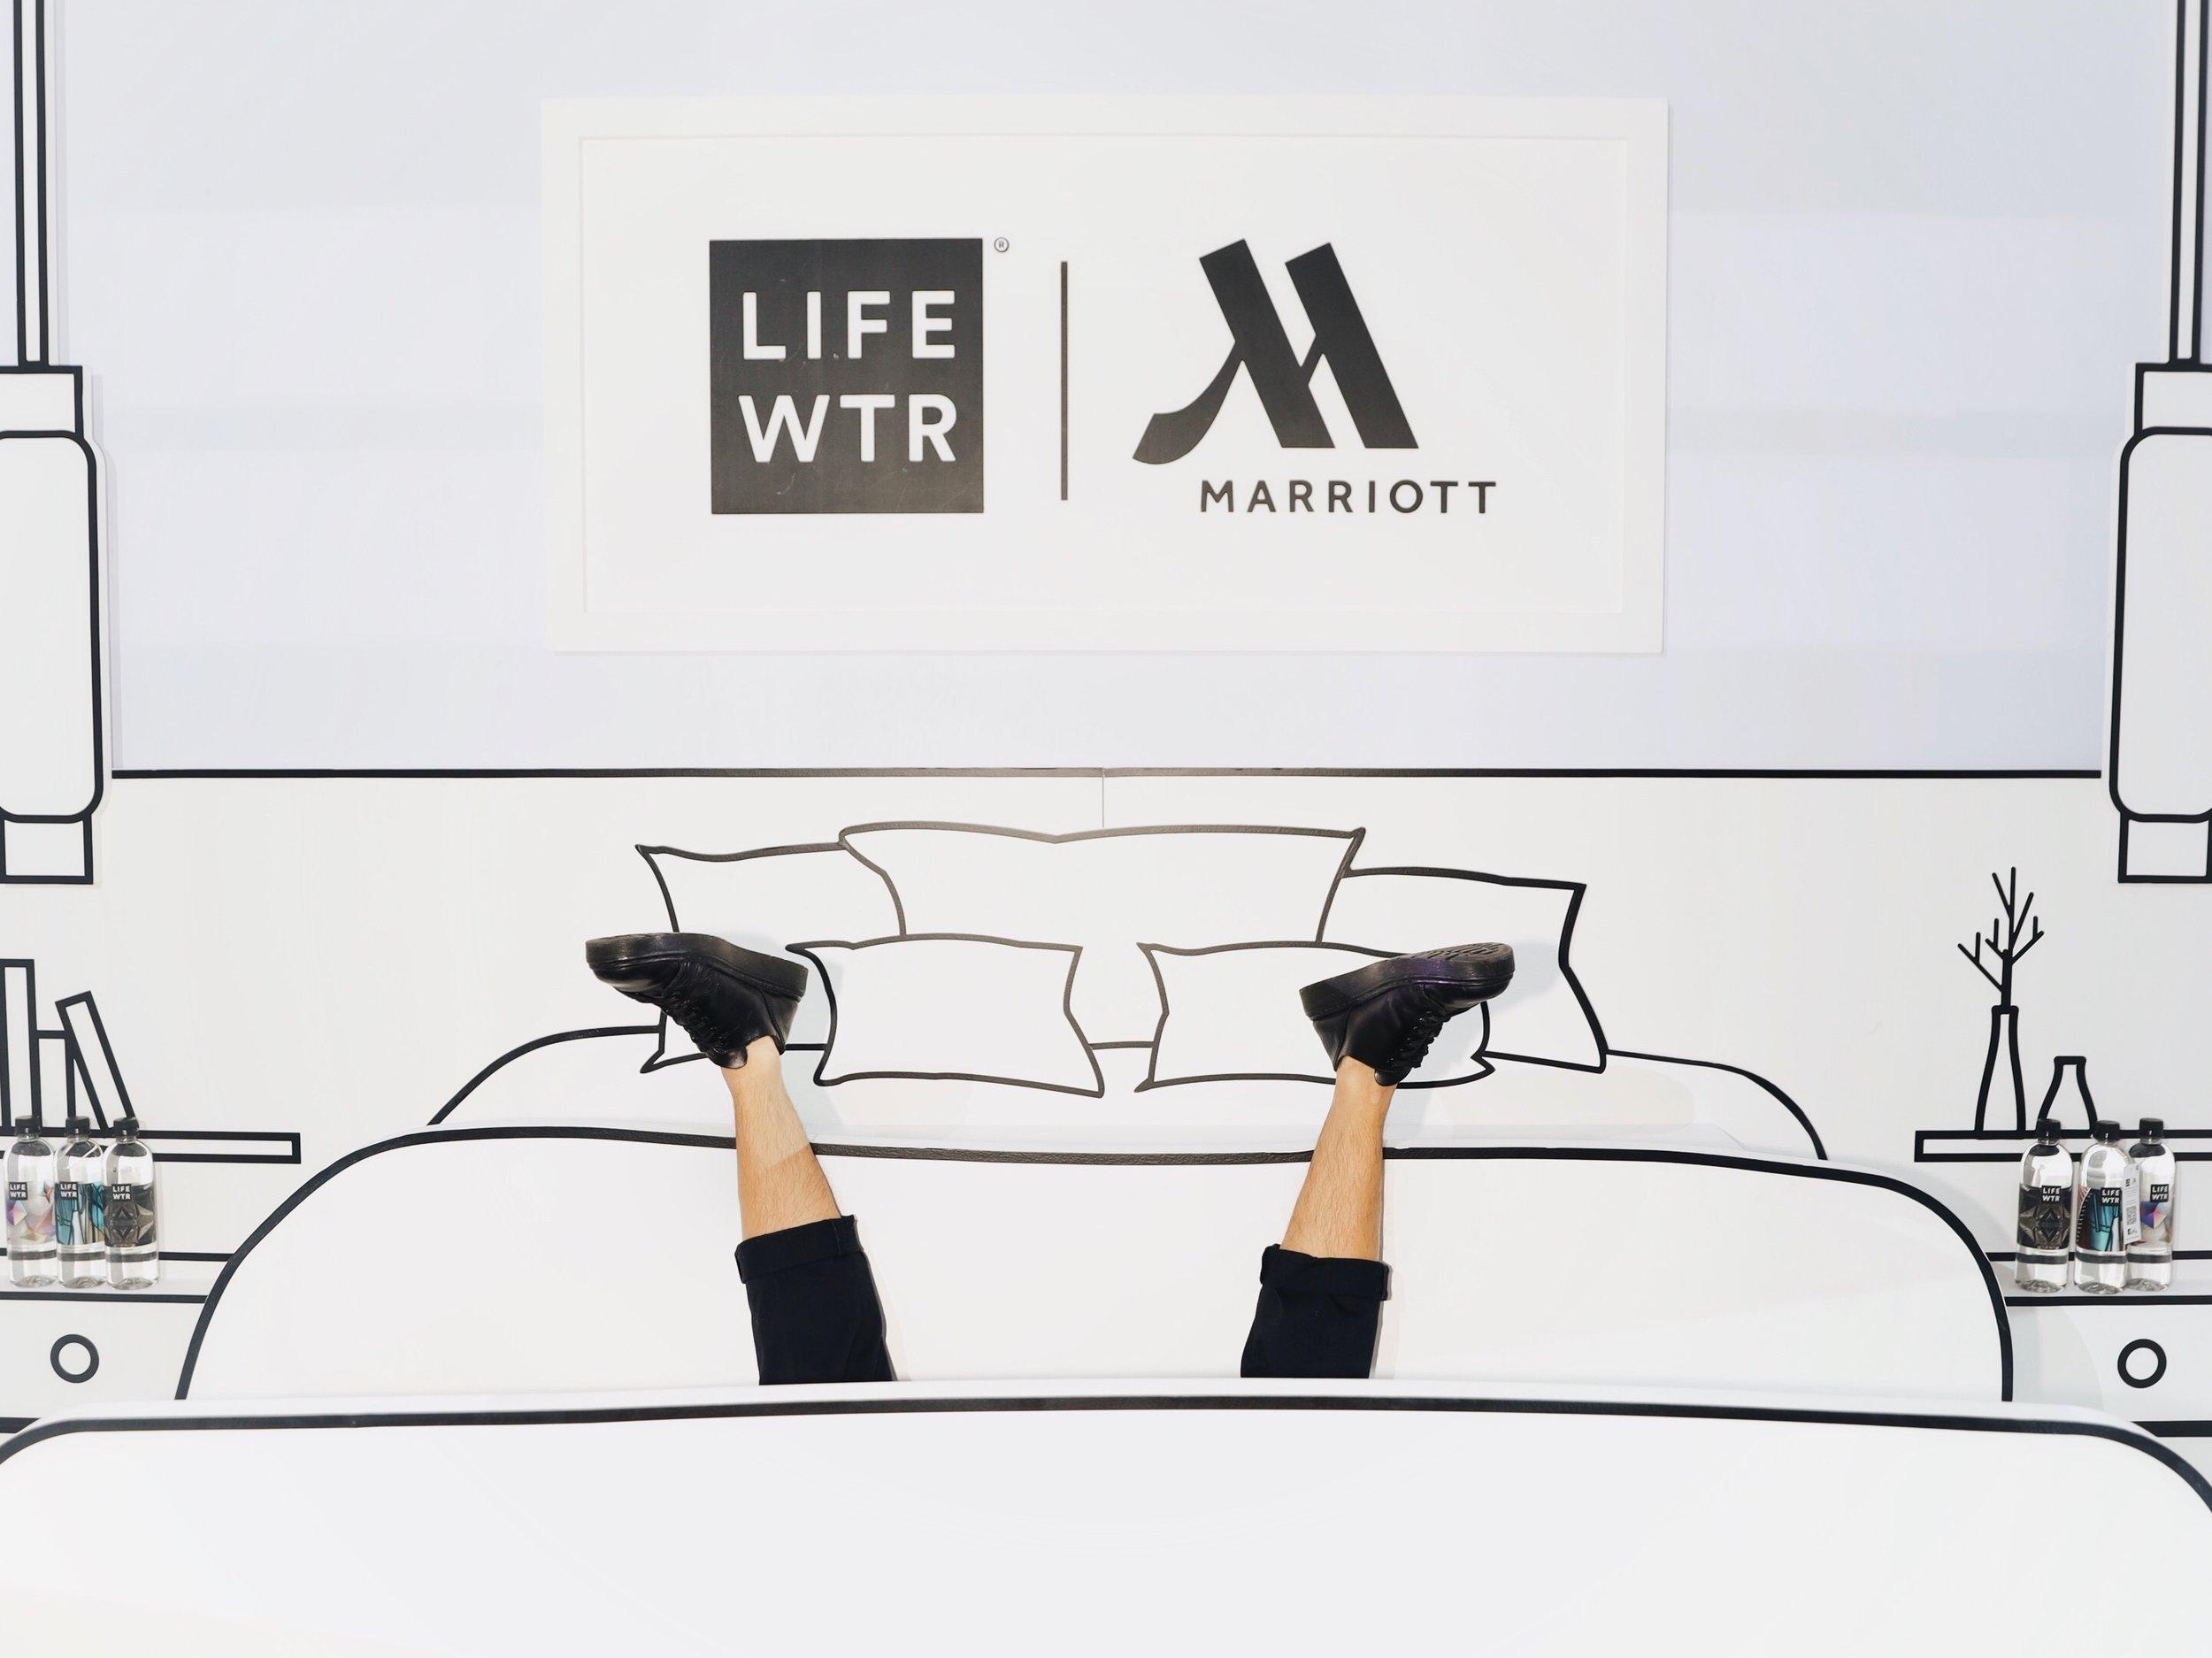 GOLIN_LIFEWTR x Marriott IG_DSL_RB_5.jpg